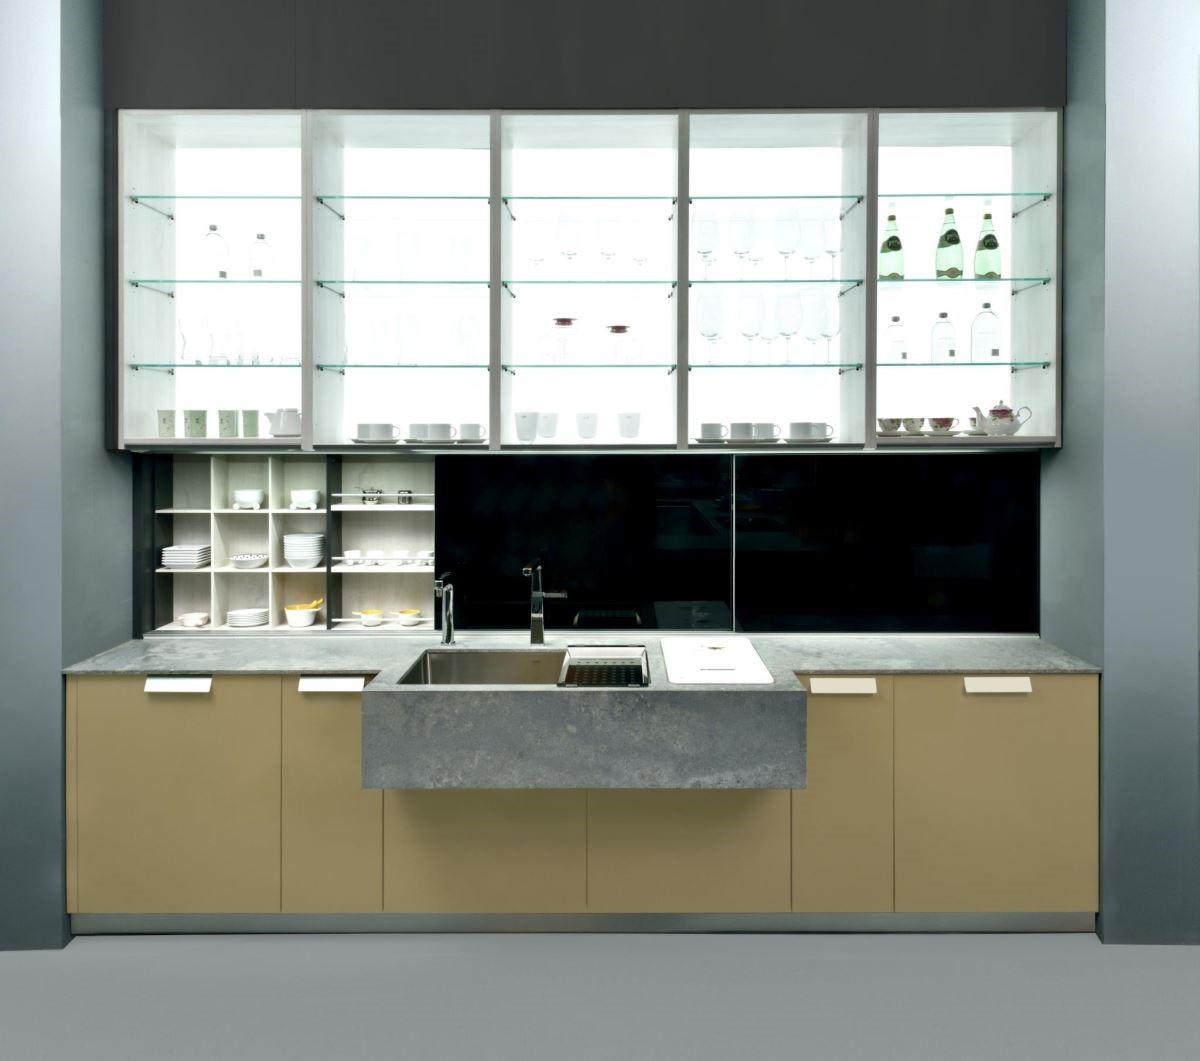 超薄檯面、超厚清水混凝土水槽的視覺反差,以及超高櫃體結合利背光照明,彰顯展示陳列效果的設計,都是今年米蘭展的最新趨勢。